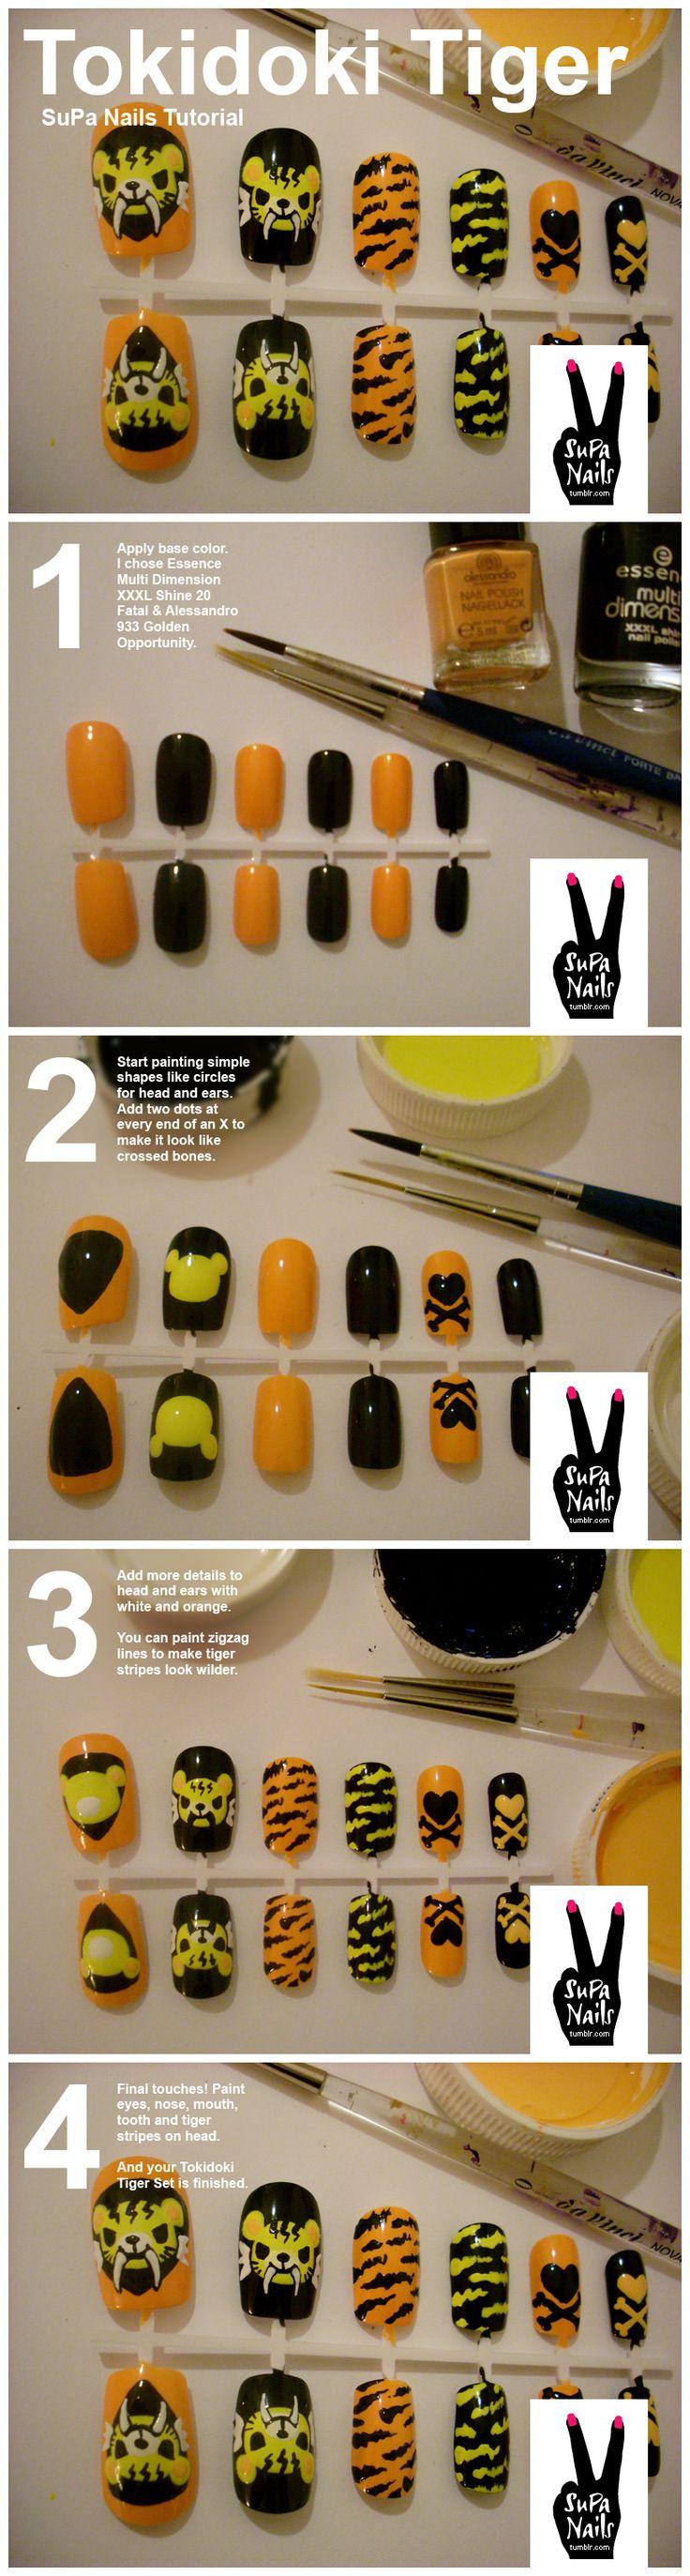 Tokidoki Tiger Nail Art Tutorial from SuPa Nails